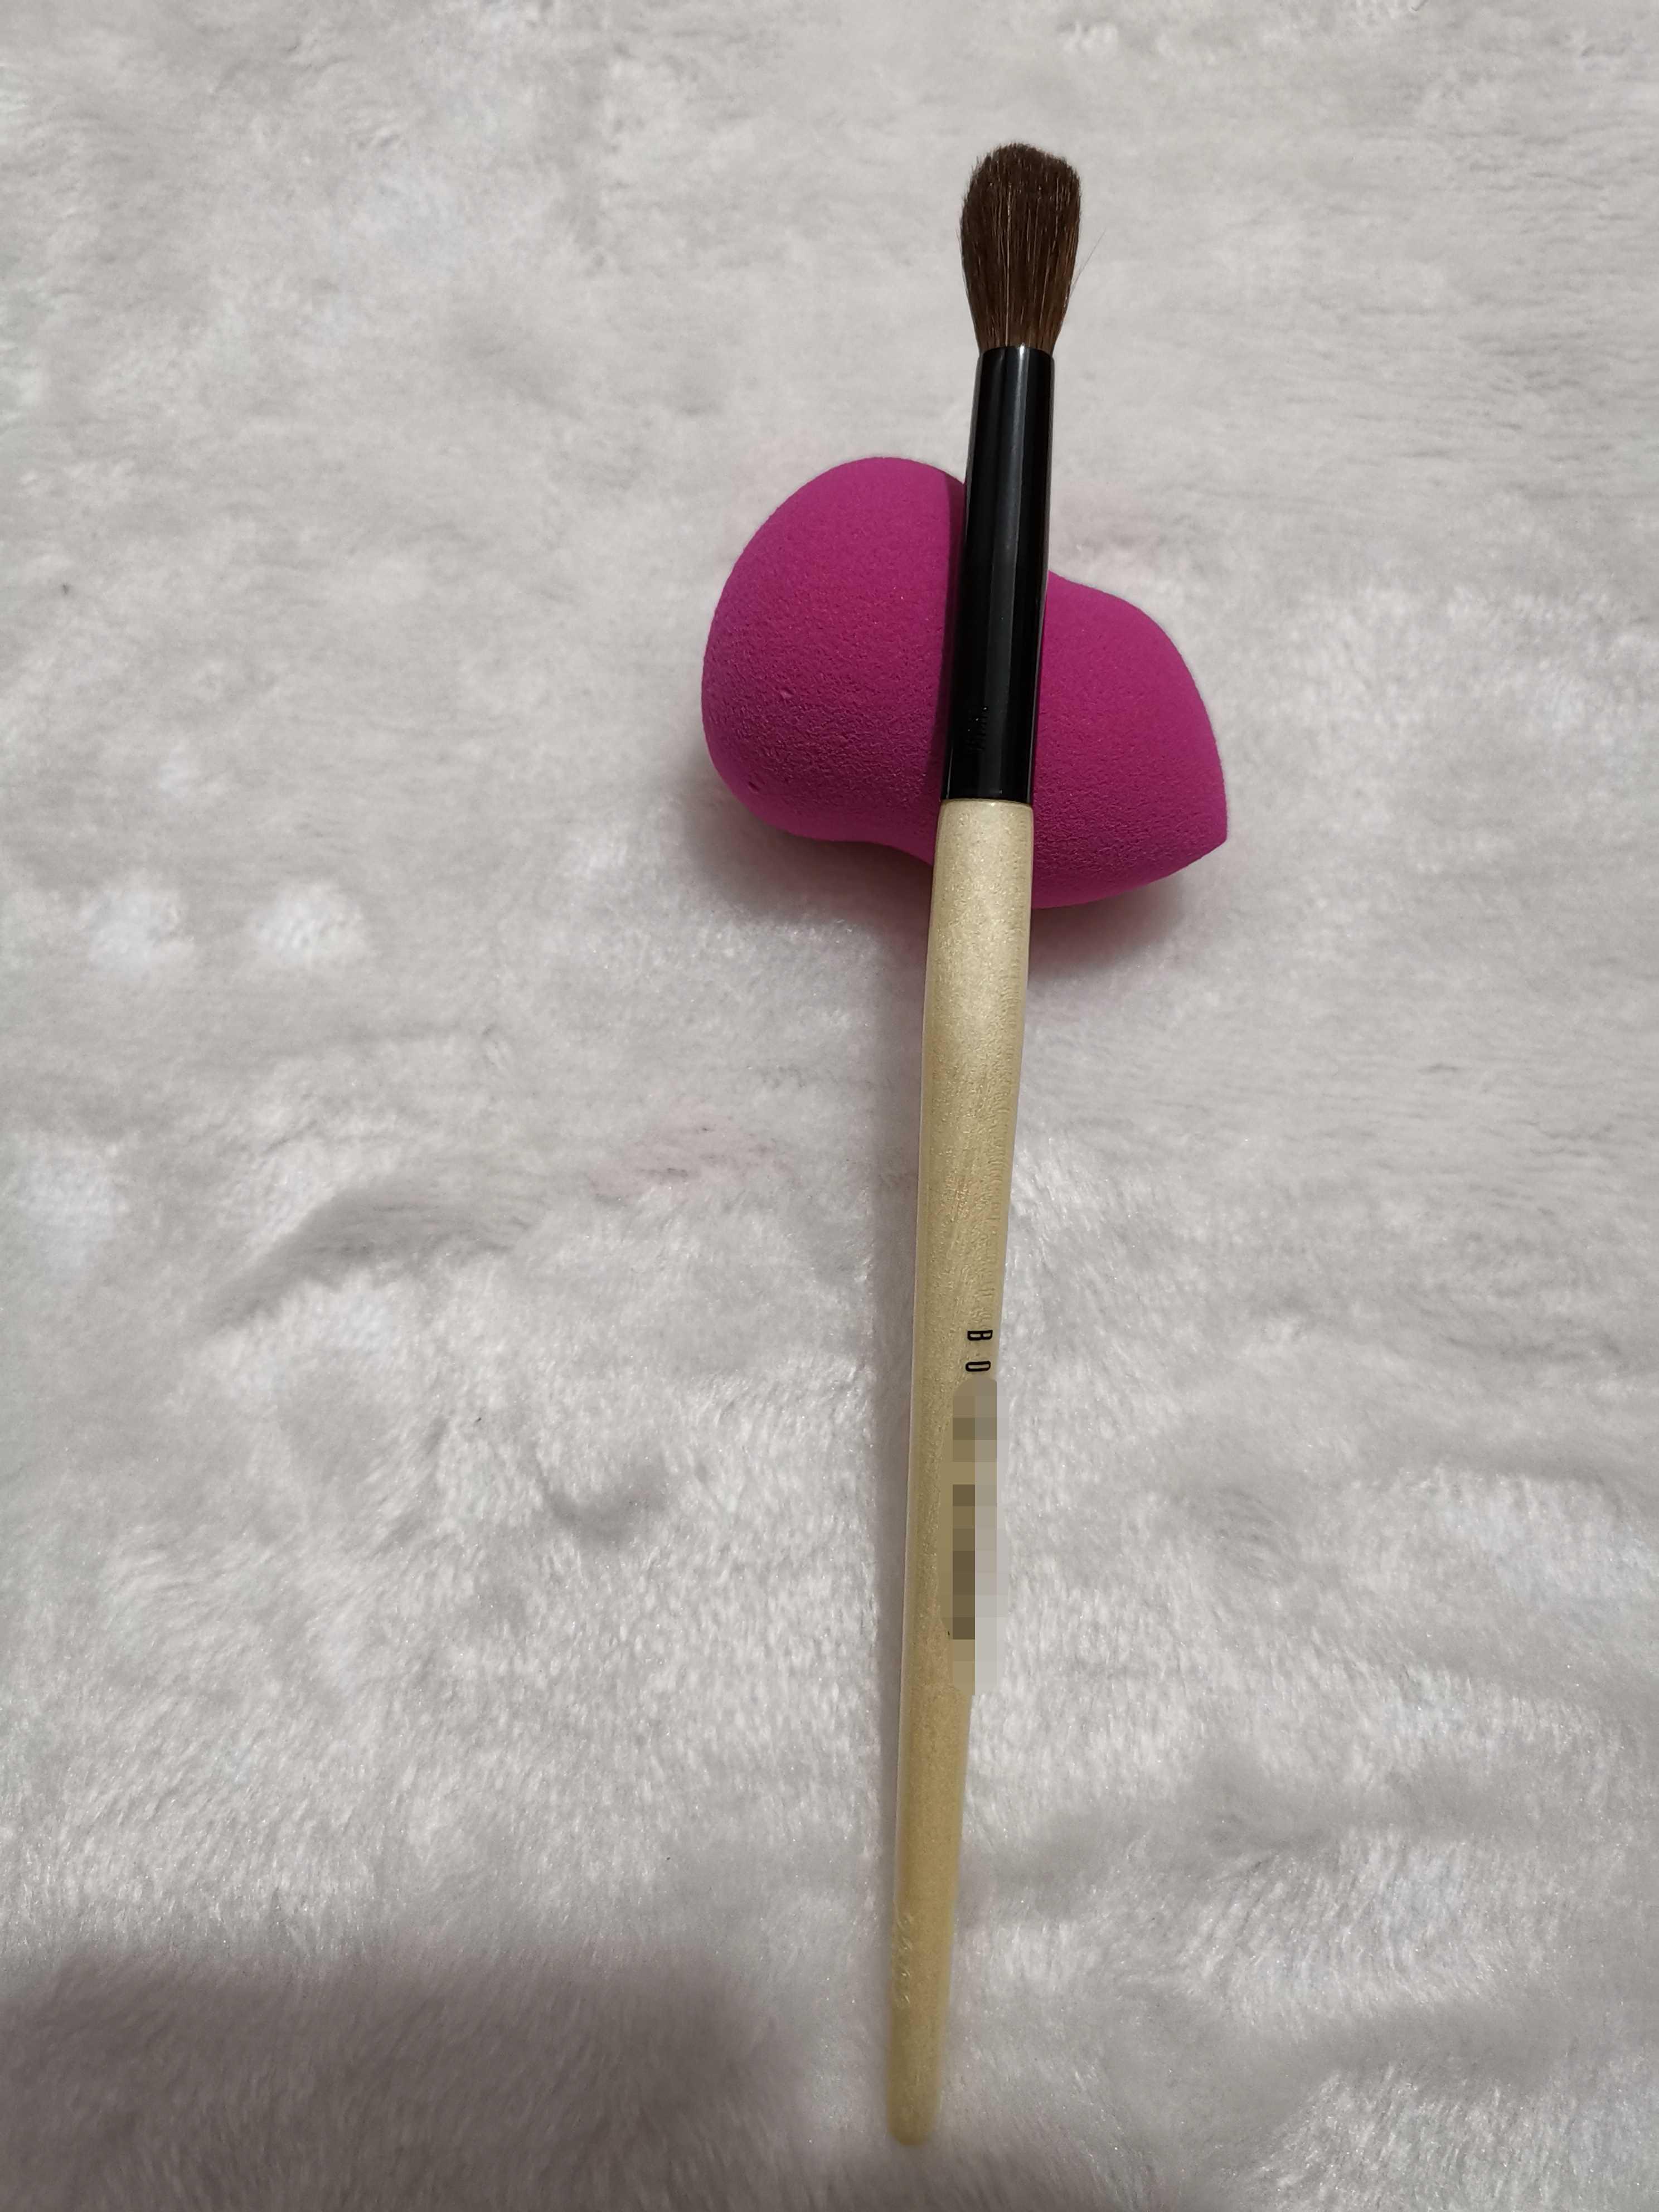 Bobbi house Eye Blender small horse hair eye shadow brush repair brush high gloss brush Makeup Brush Kit mail